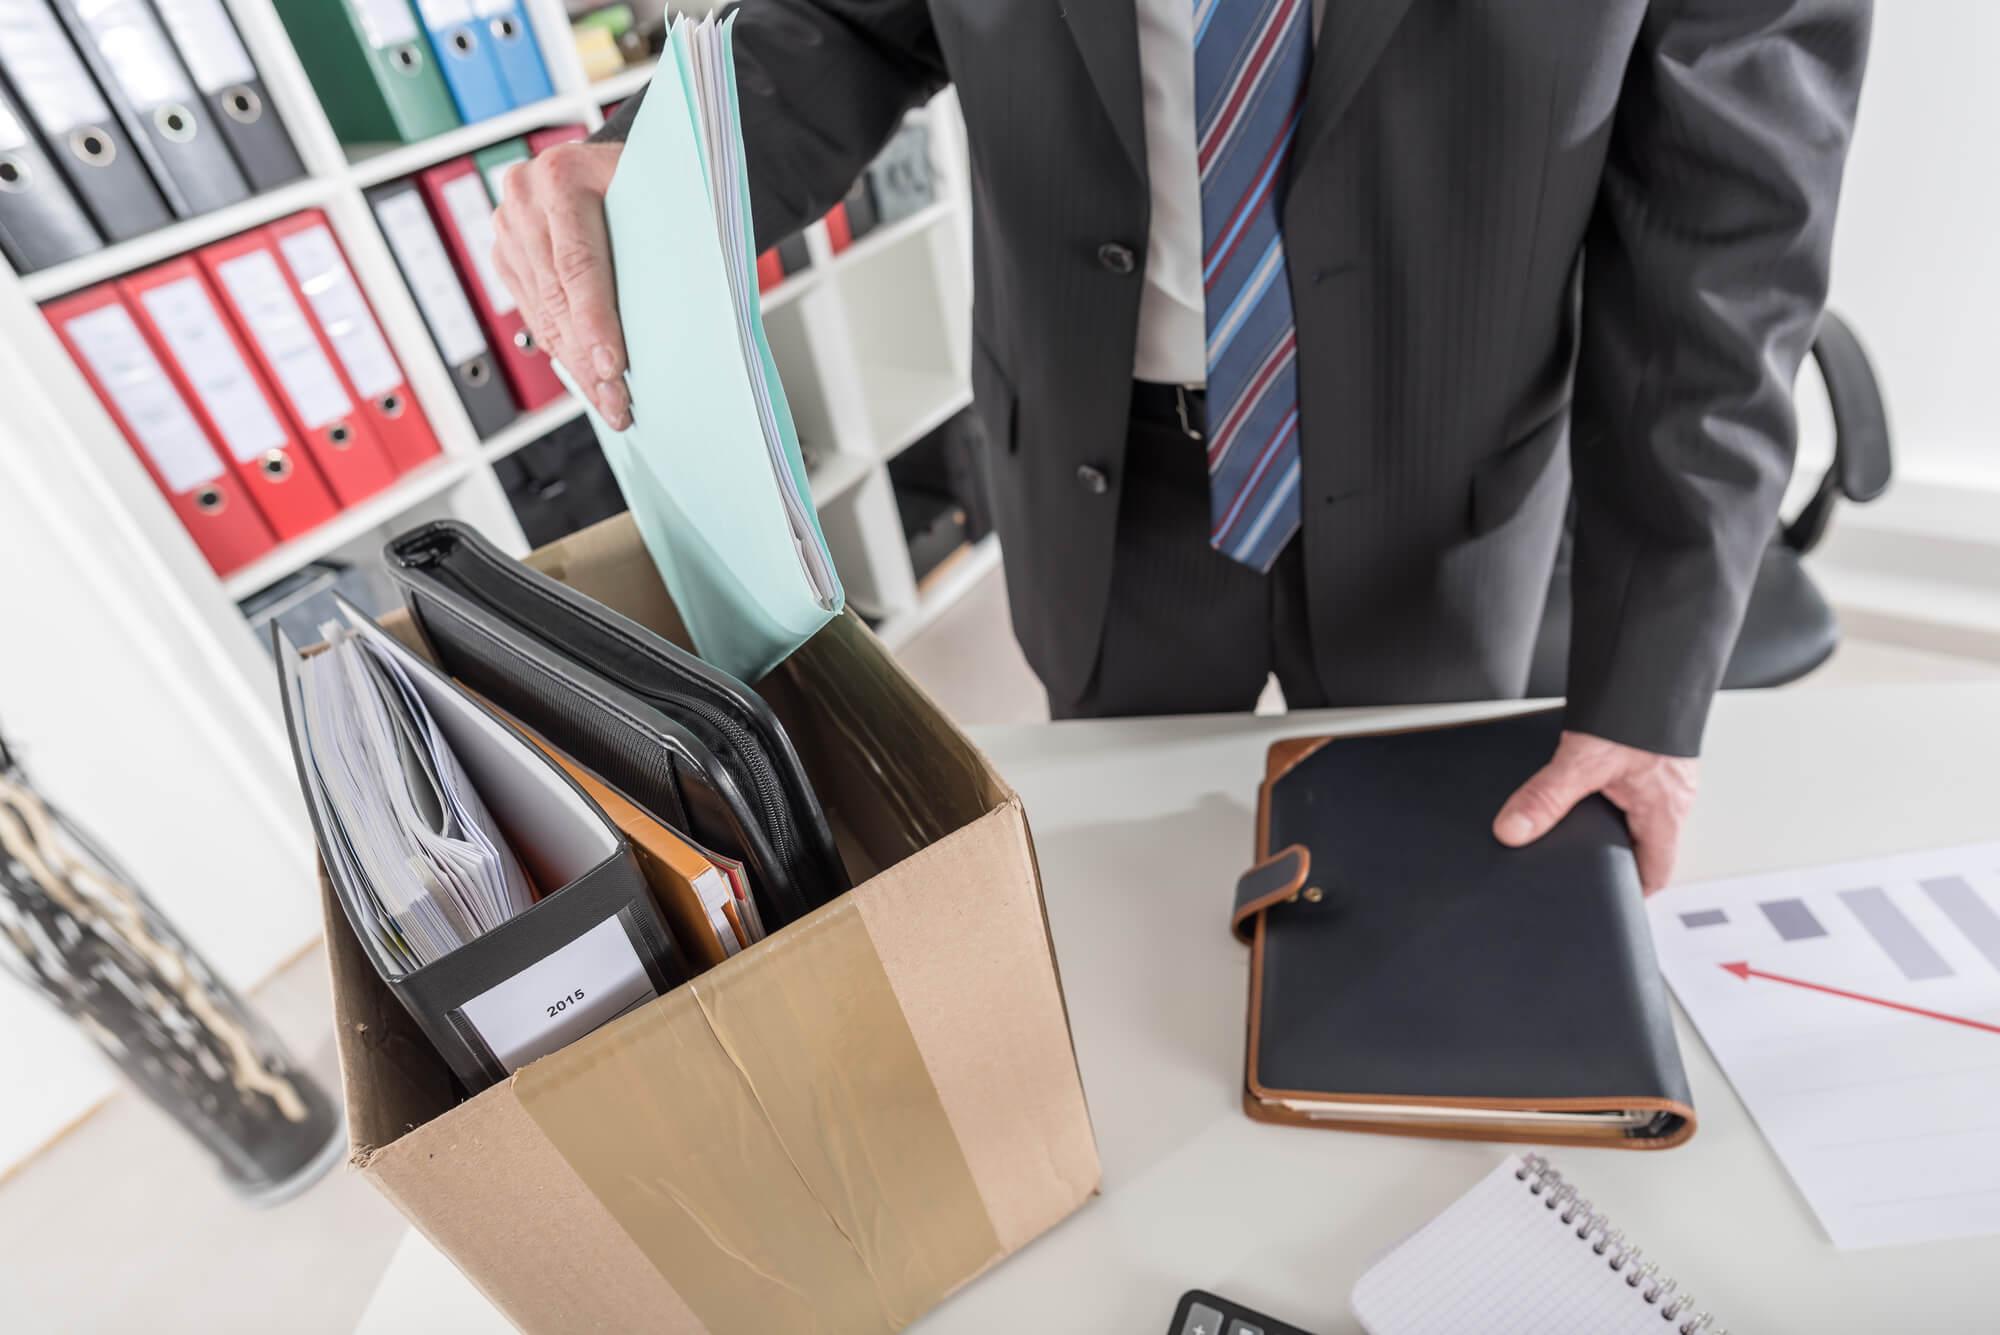 некоторые Увольнение с работы материально ответственного лица находилось помещение